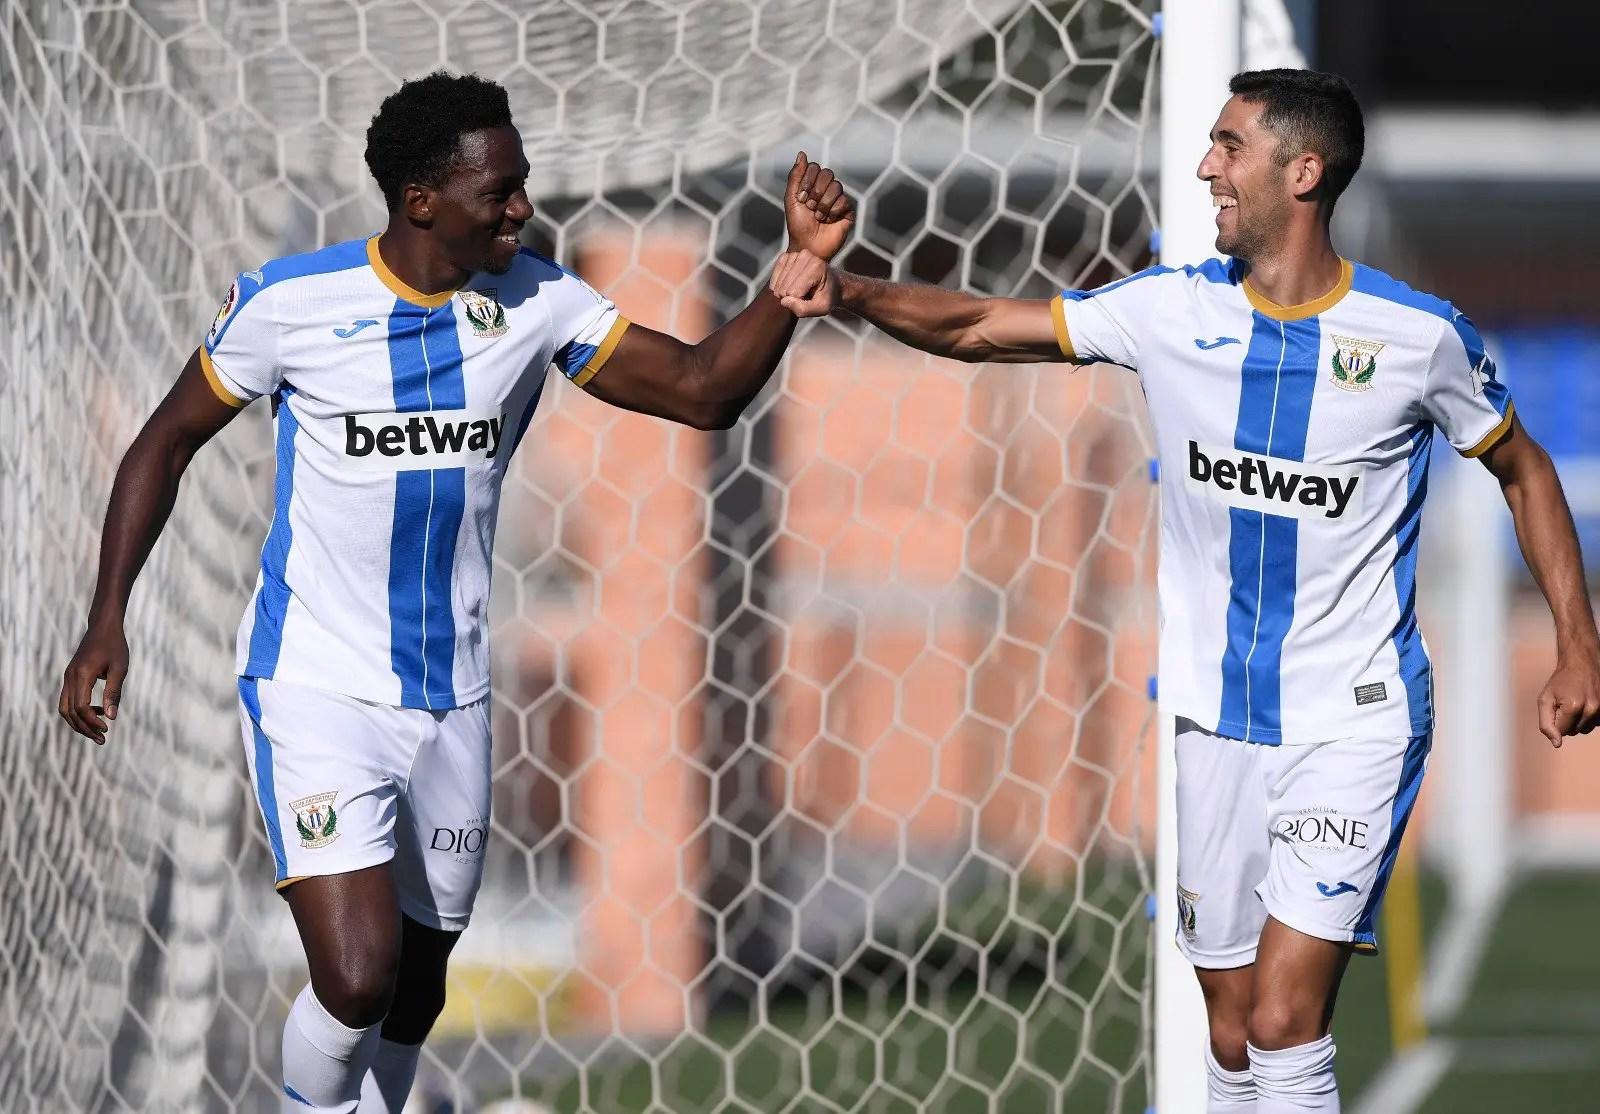 Omeruo On Target In Leganes' Friendly Win Vs Eibar